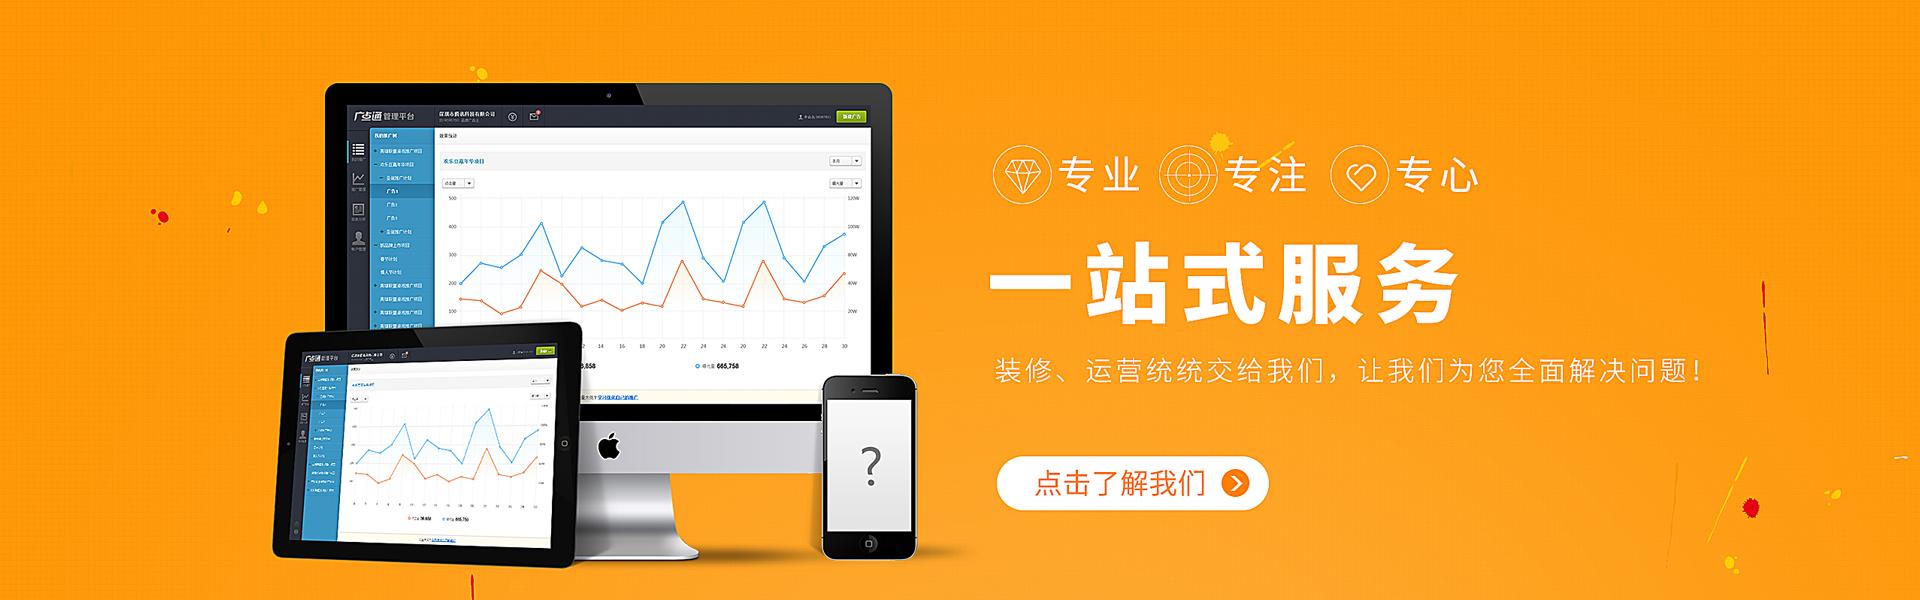 安徽鑫星banner1